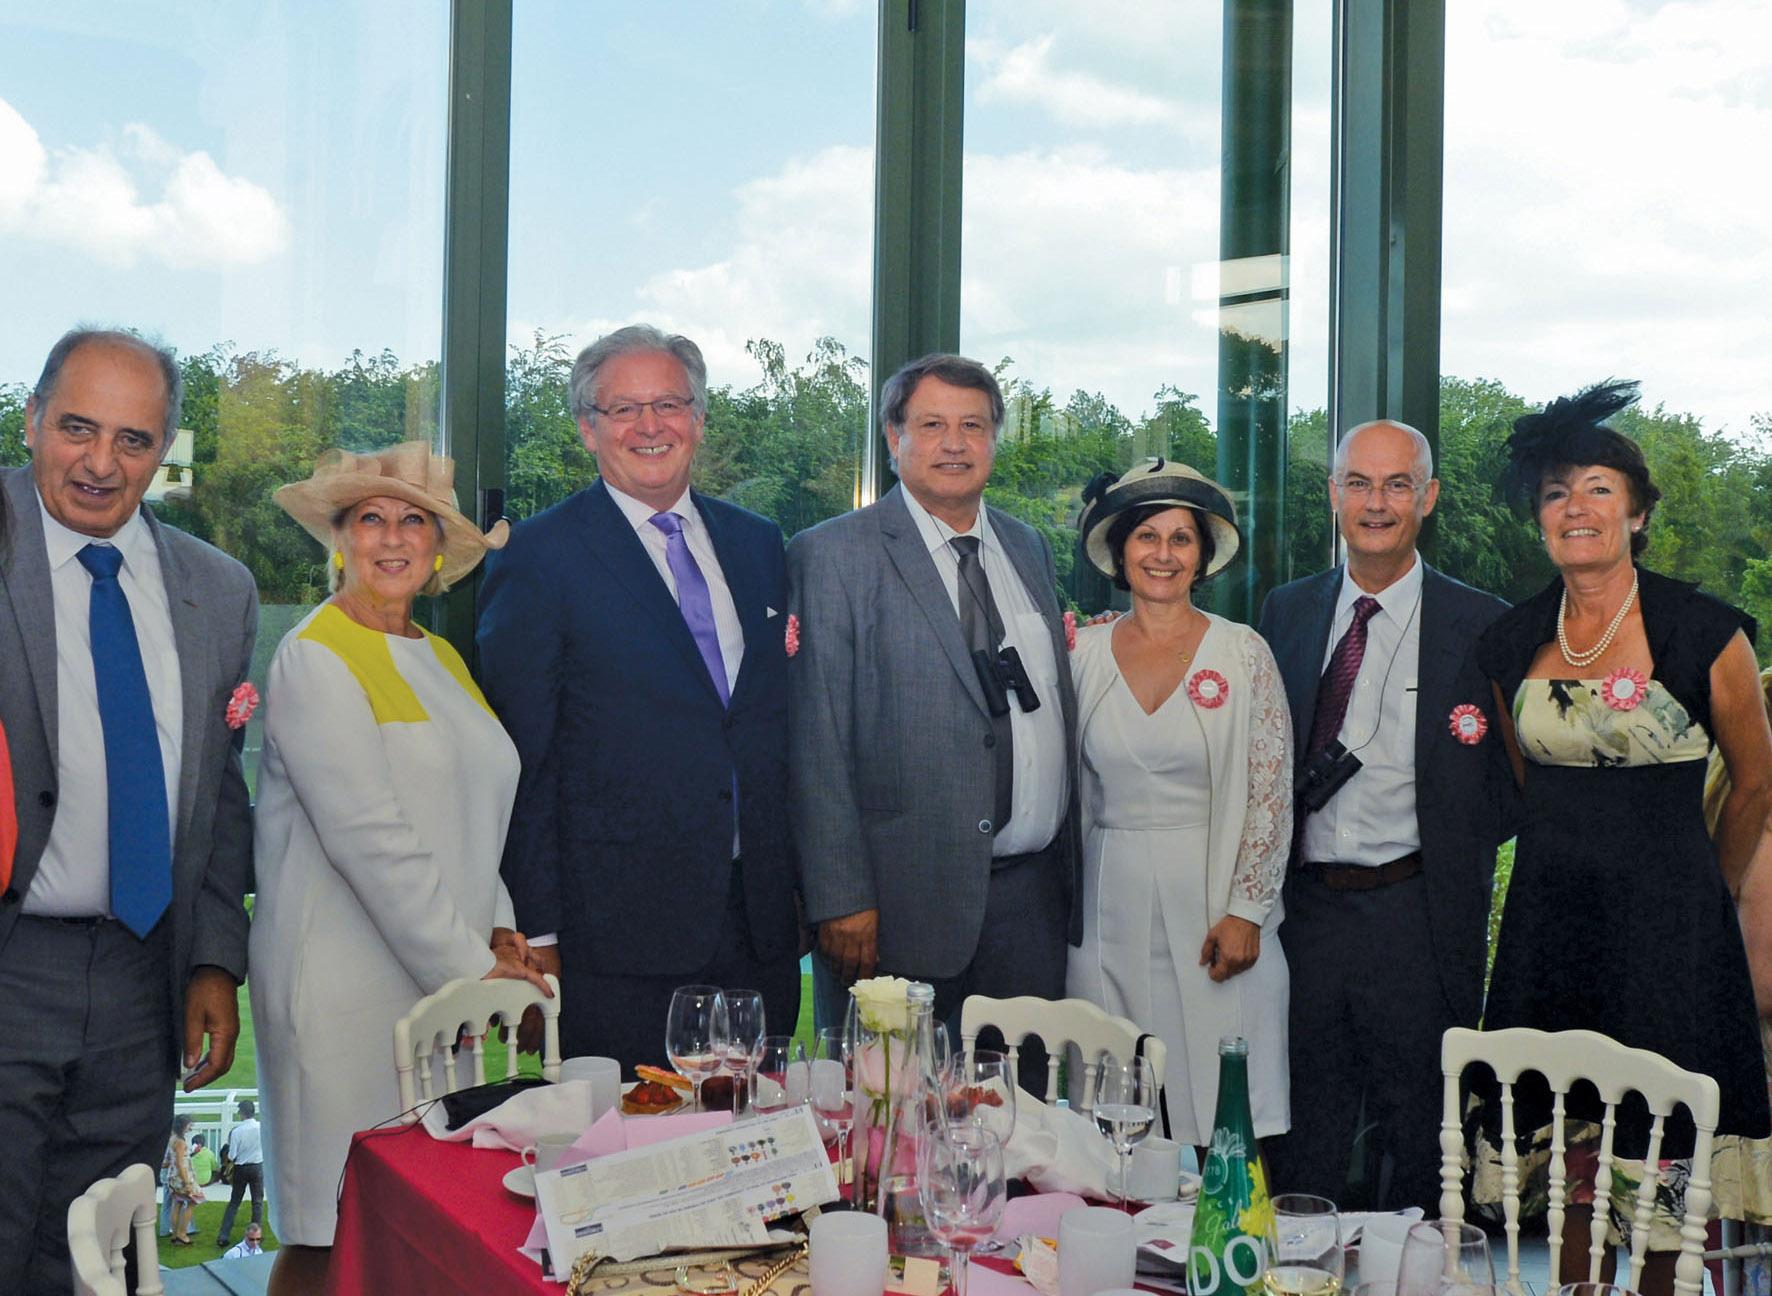 Jean-Pierre Mas, Président du SNAV, René-Marc Chikli, Président du SETO, Muntaz Teker, Président du Groupe Teker, Gilbert Cisneros PDG d'Exotismes et leurs épouses - DR